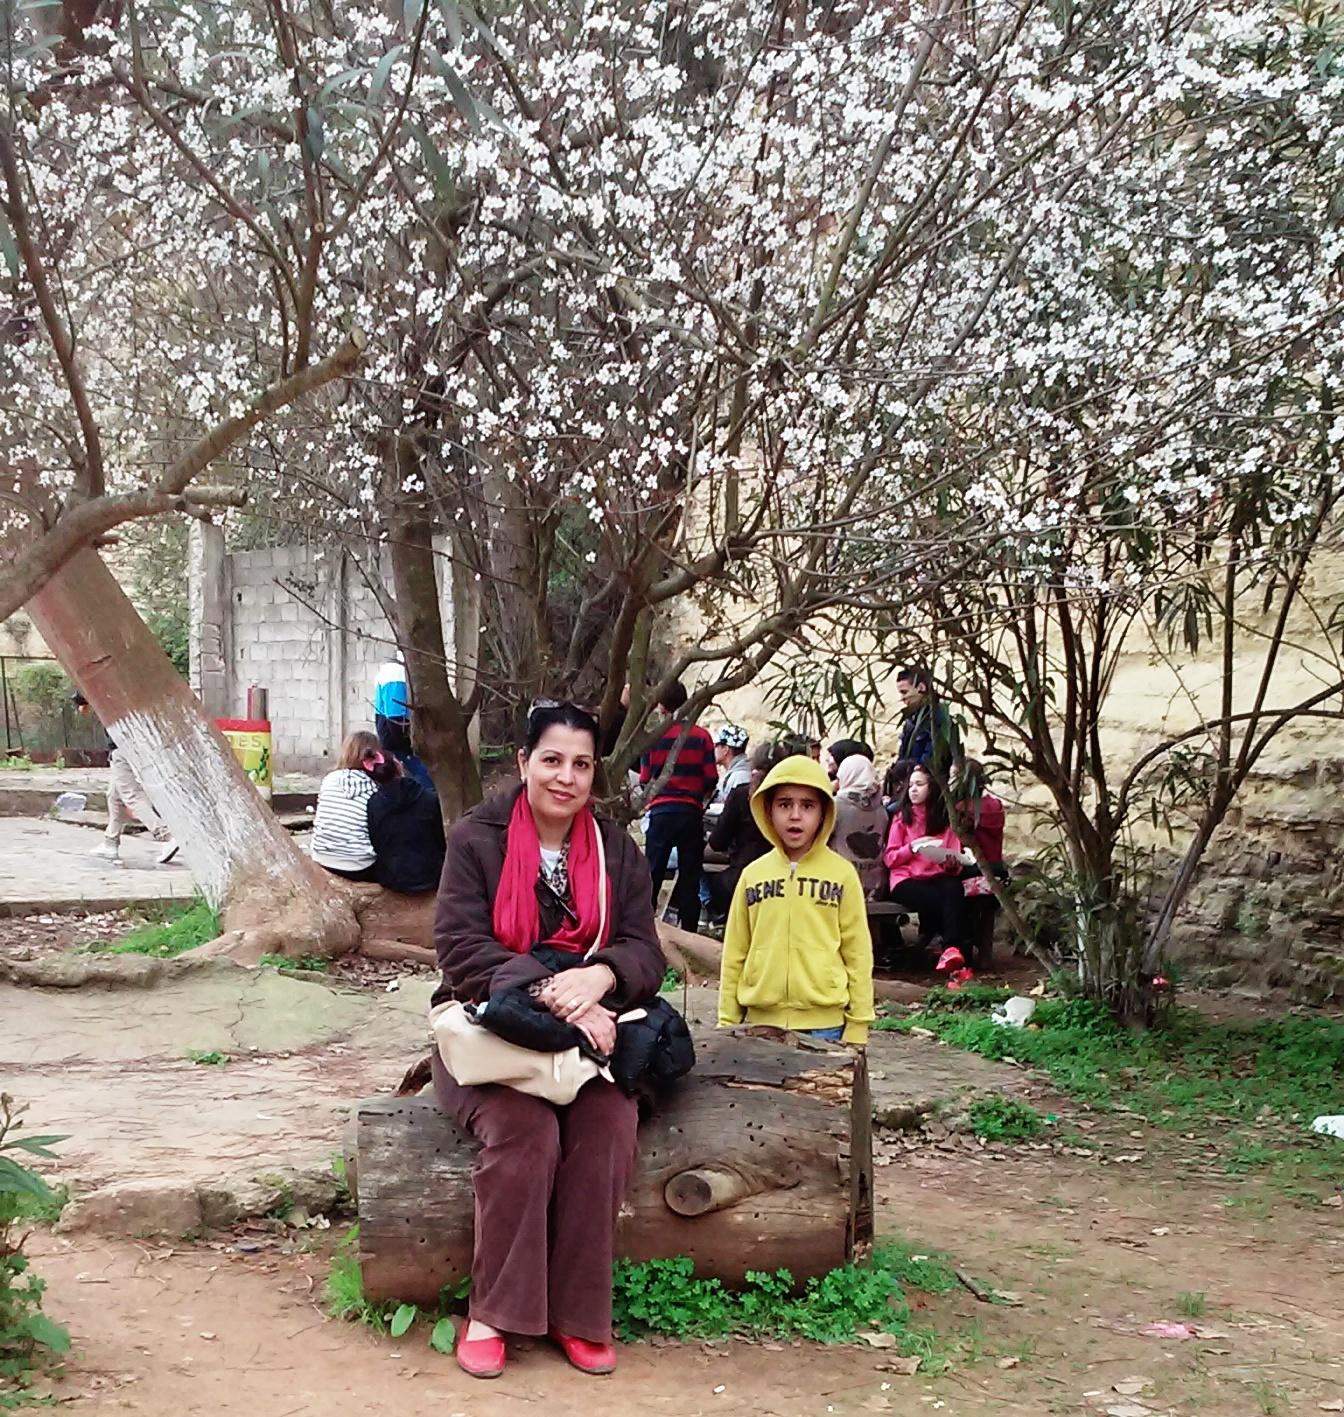 ام ليث وليث في حديقة ابن عكنون